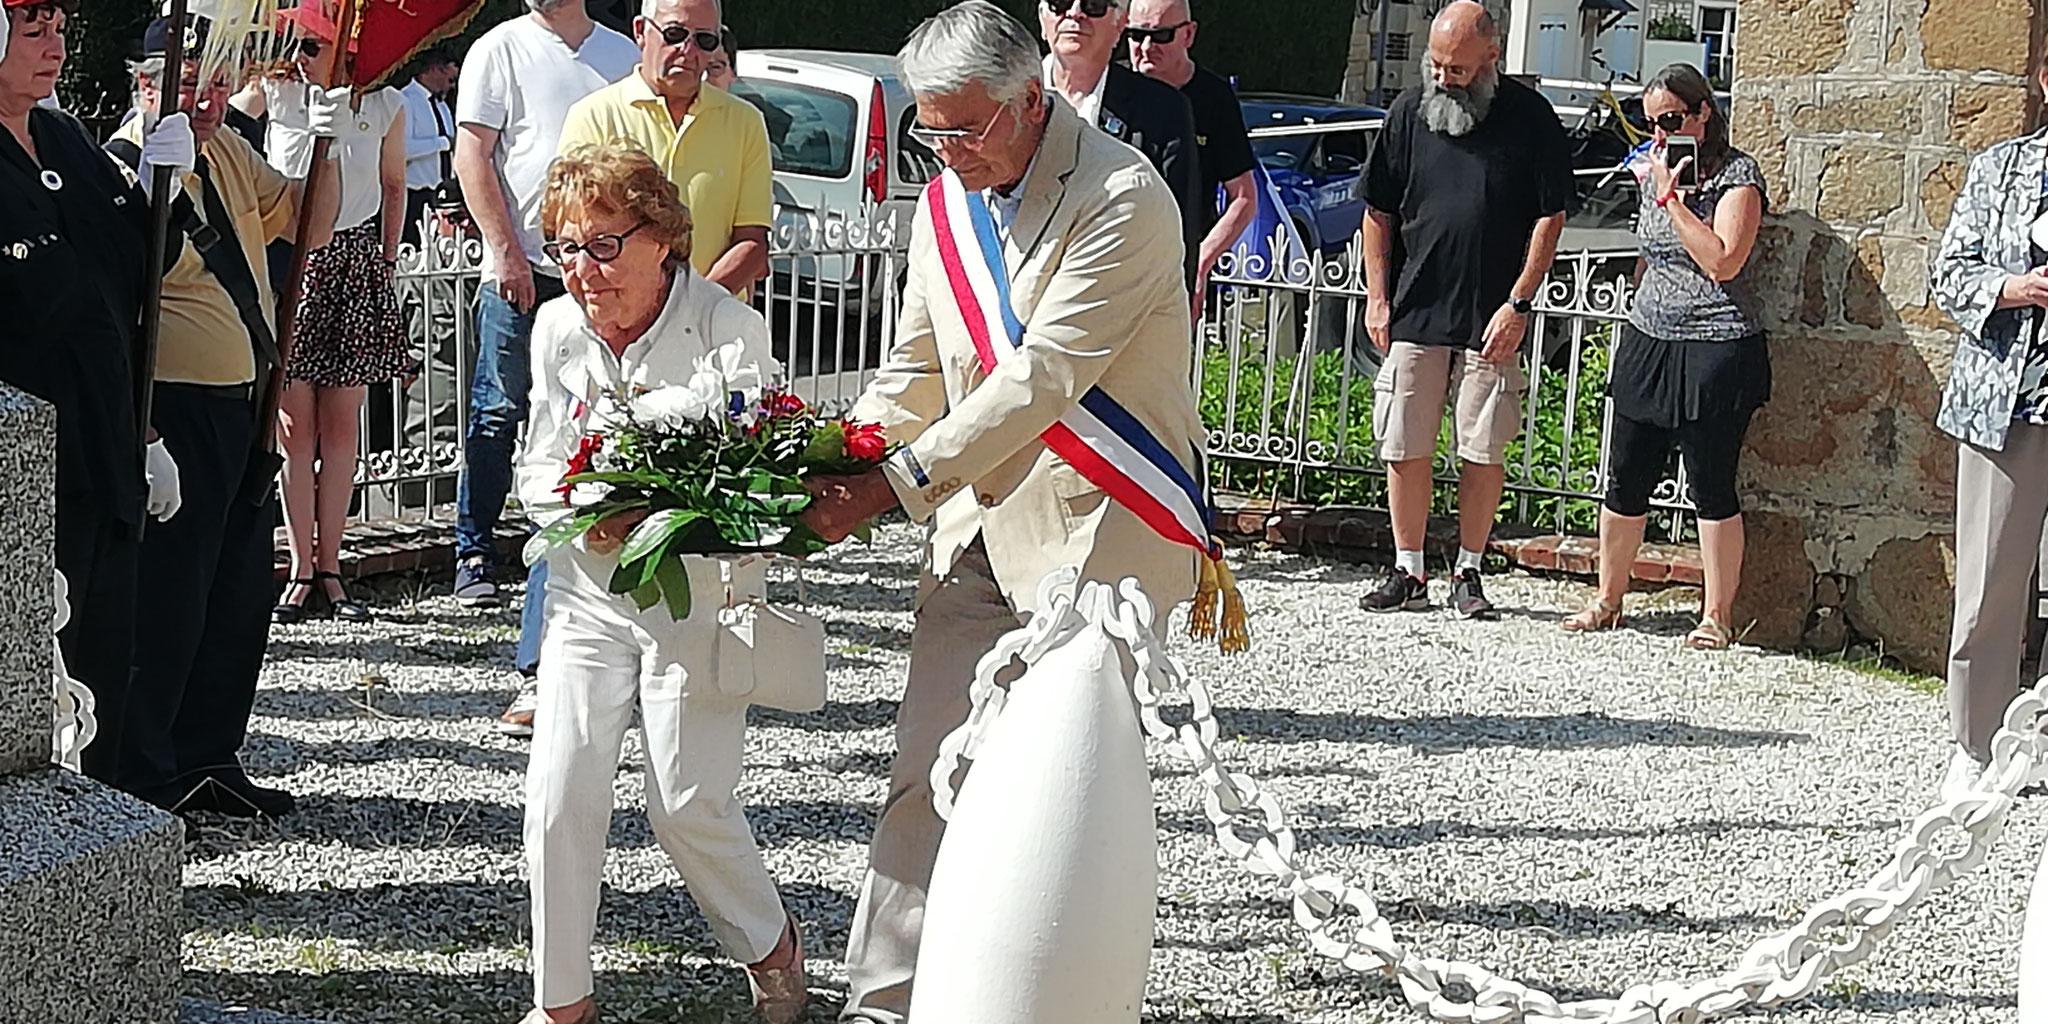 Remise d'une gerbe par Mme Lajonc (Résistante) et Mr Christophe (Maire)